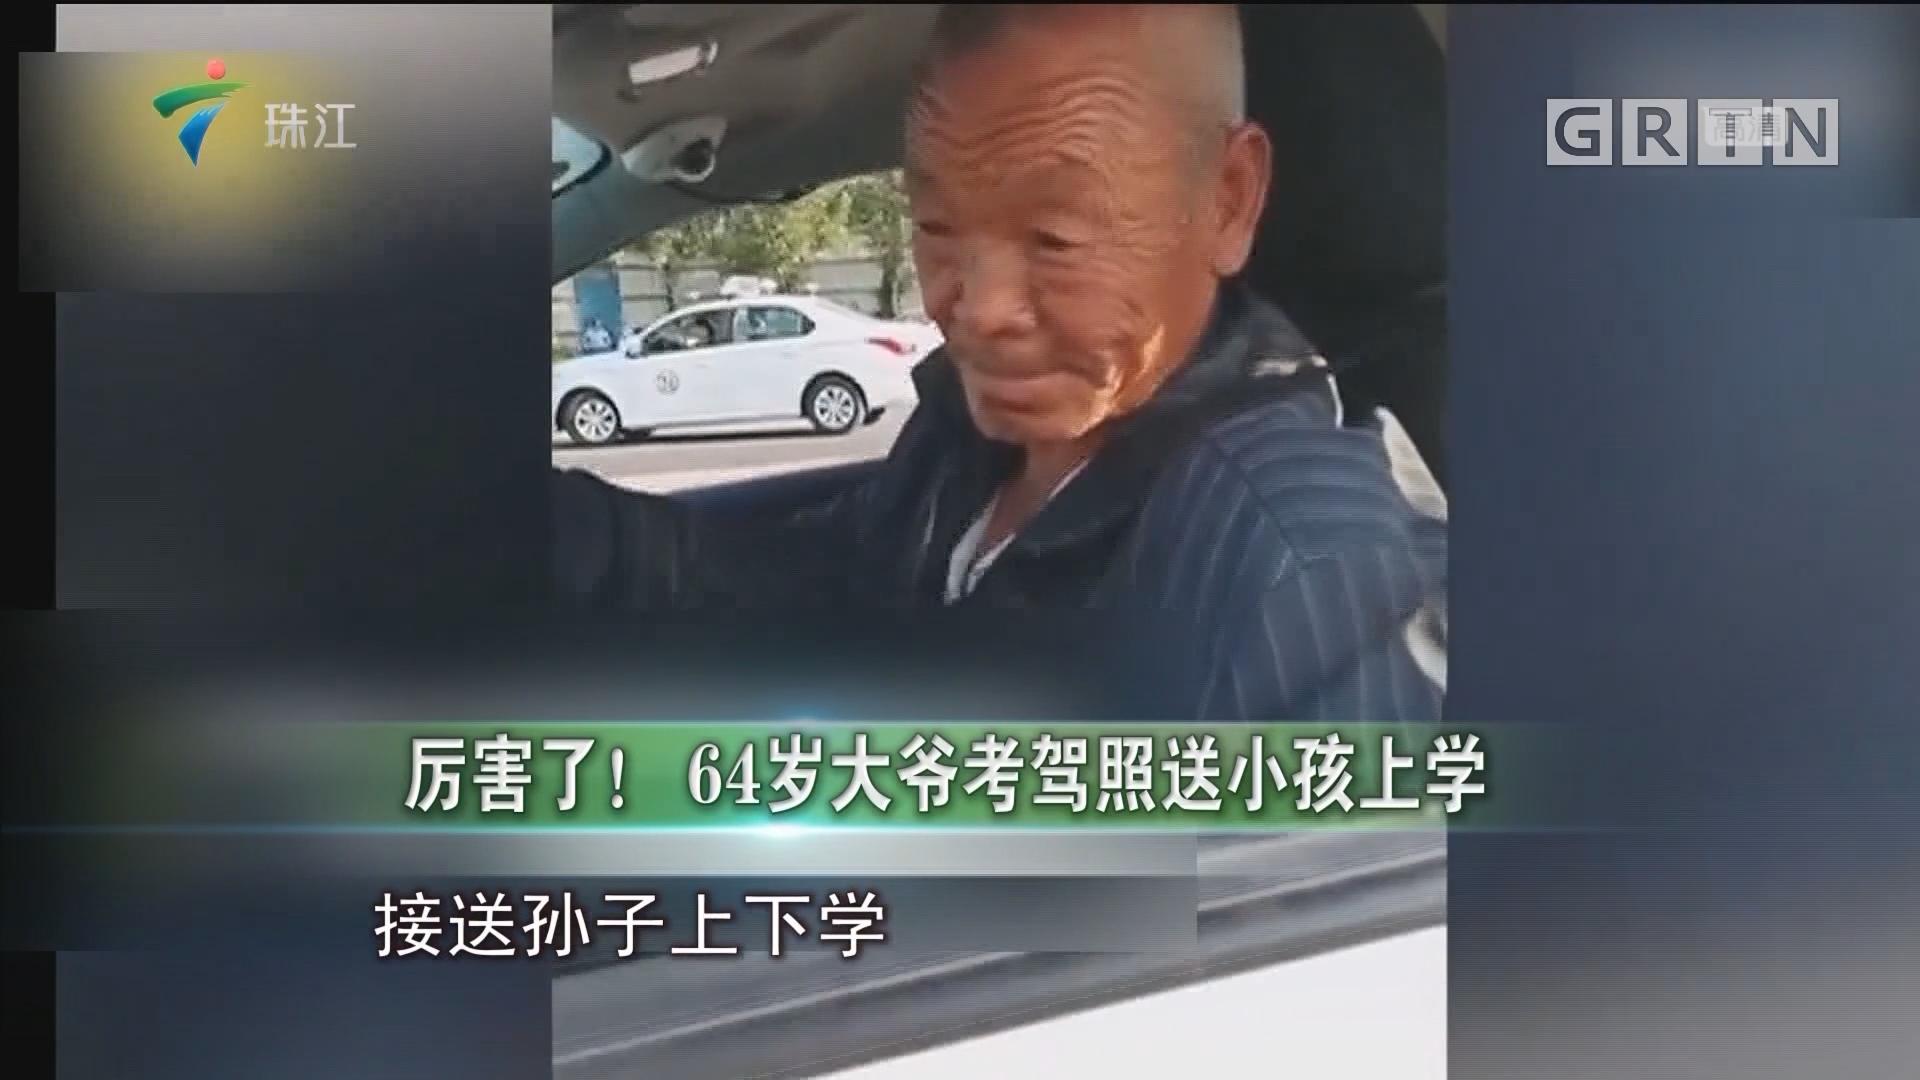 厉害了!64岁大爷考驾照送小孩上学